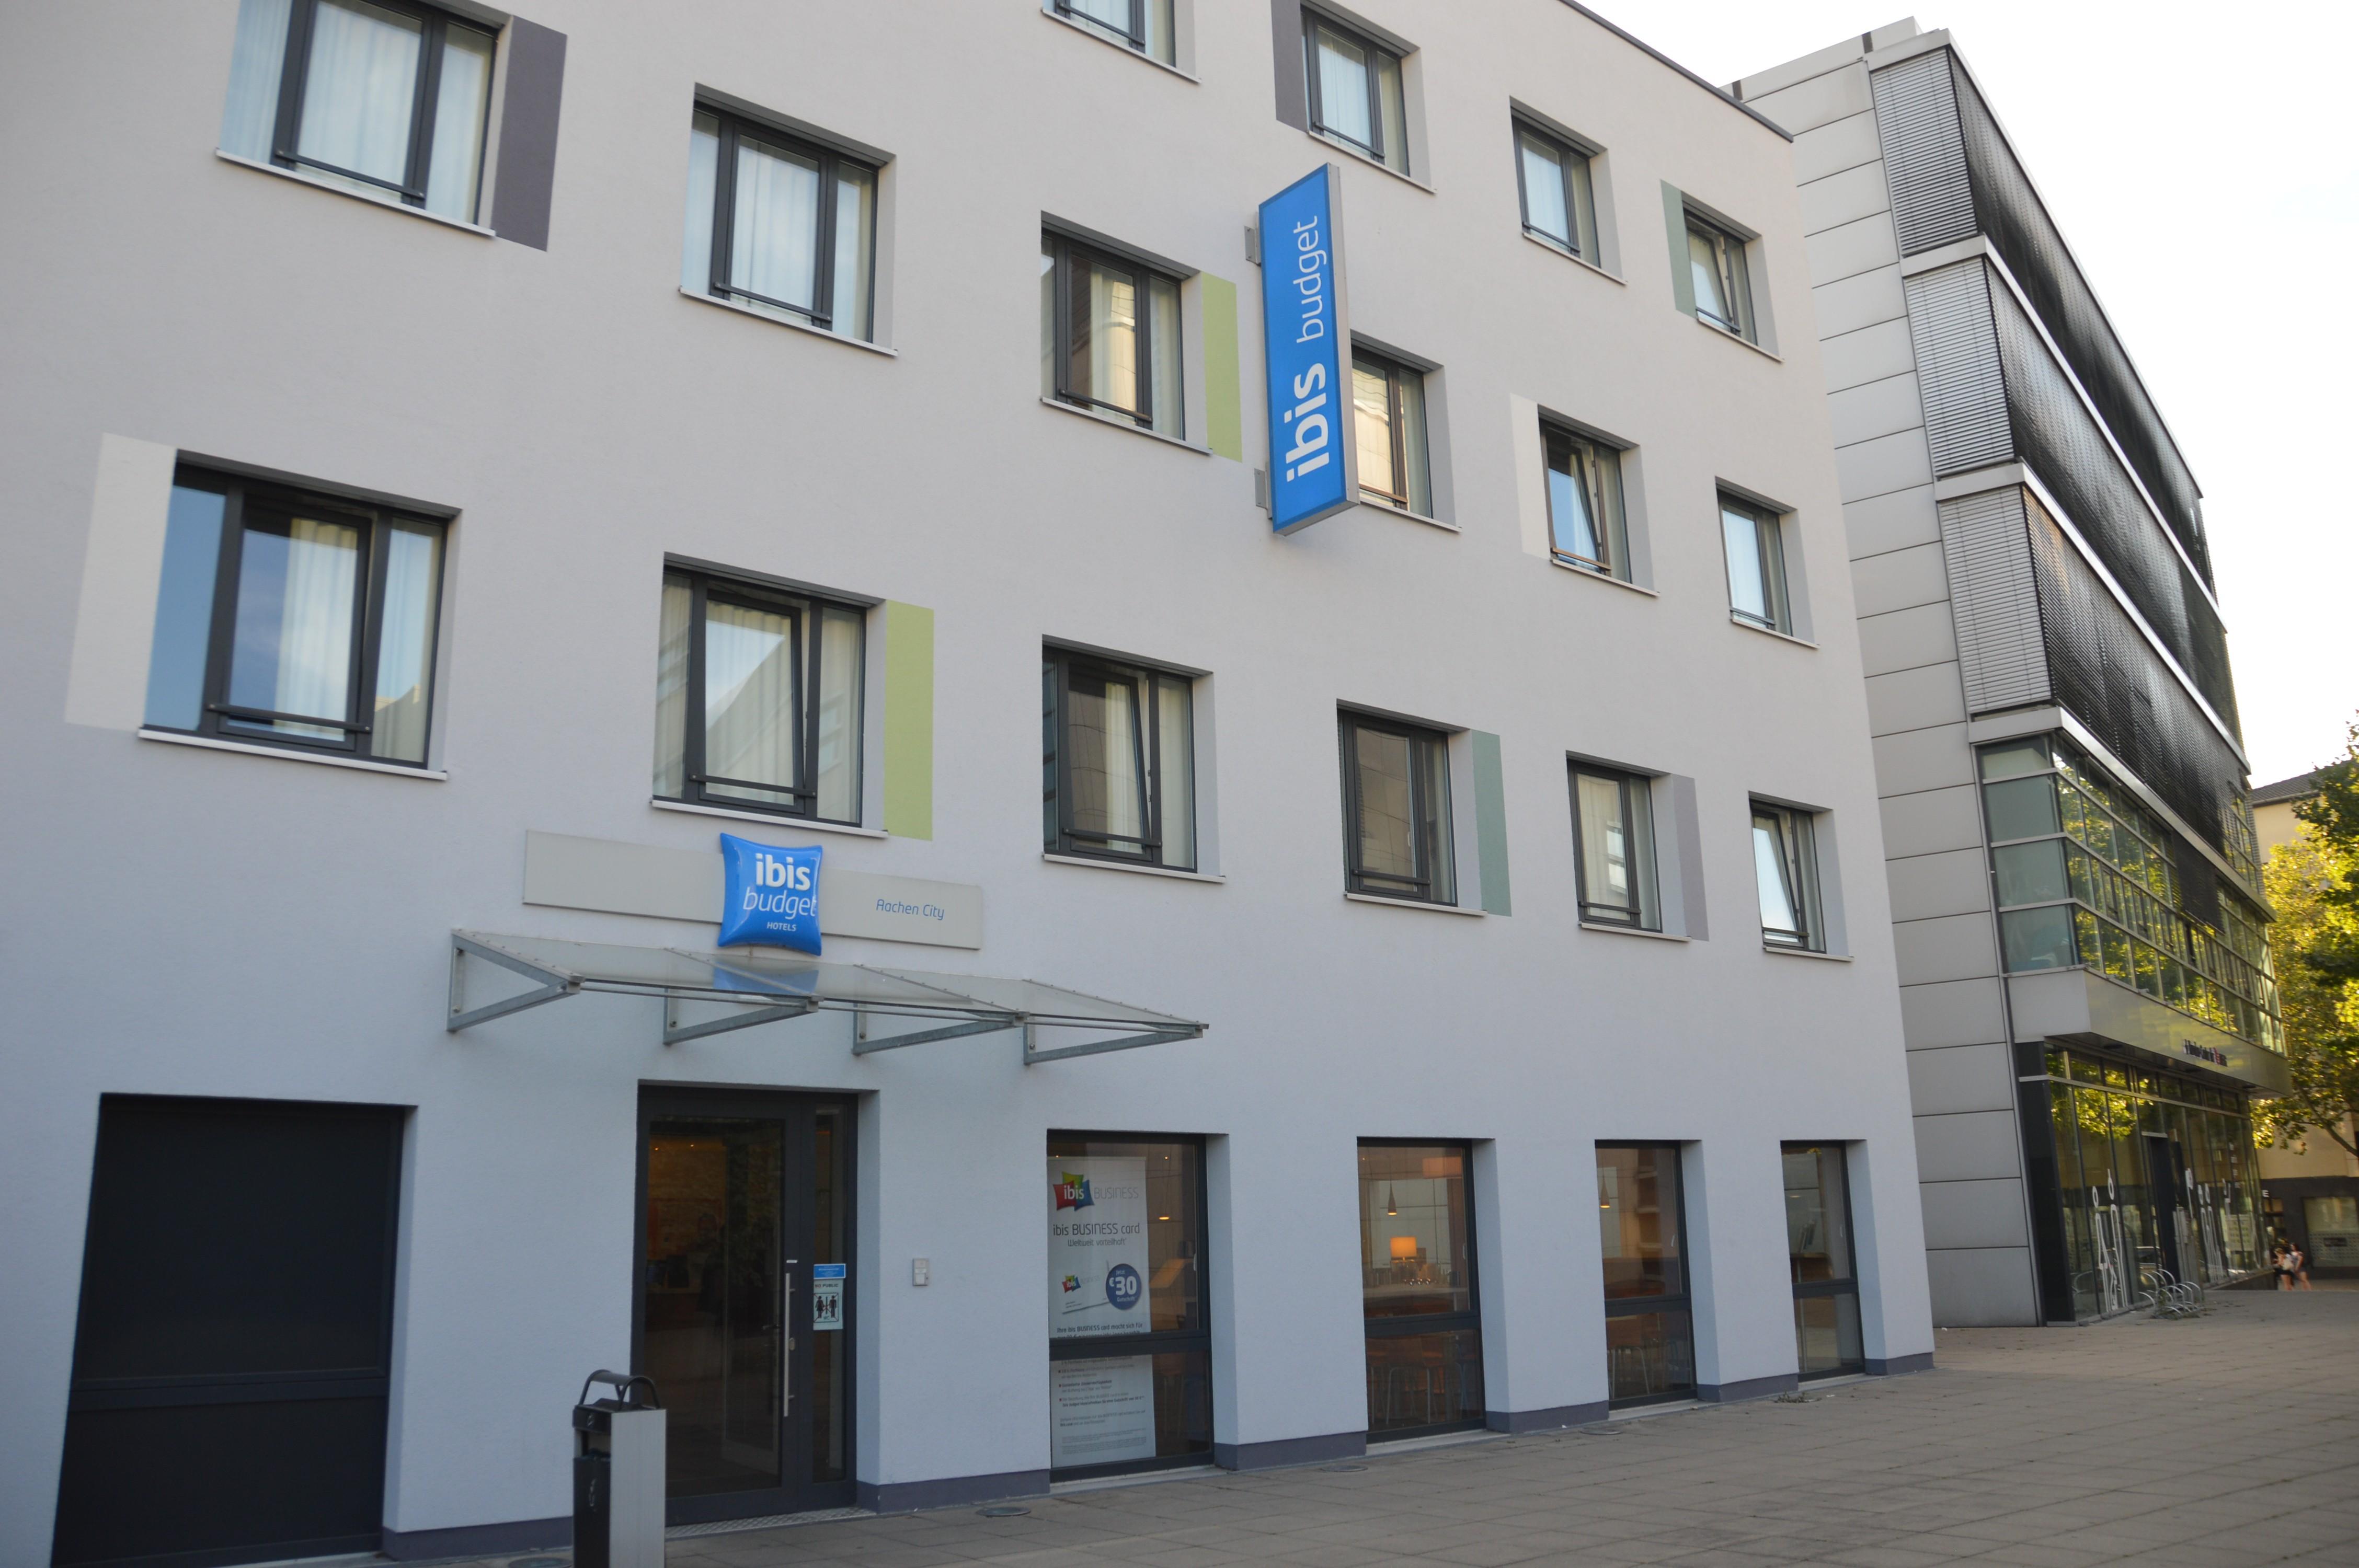 Review: Ibis budget hotel Aken